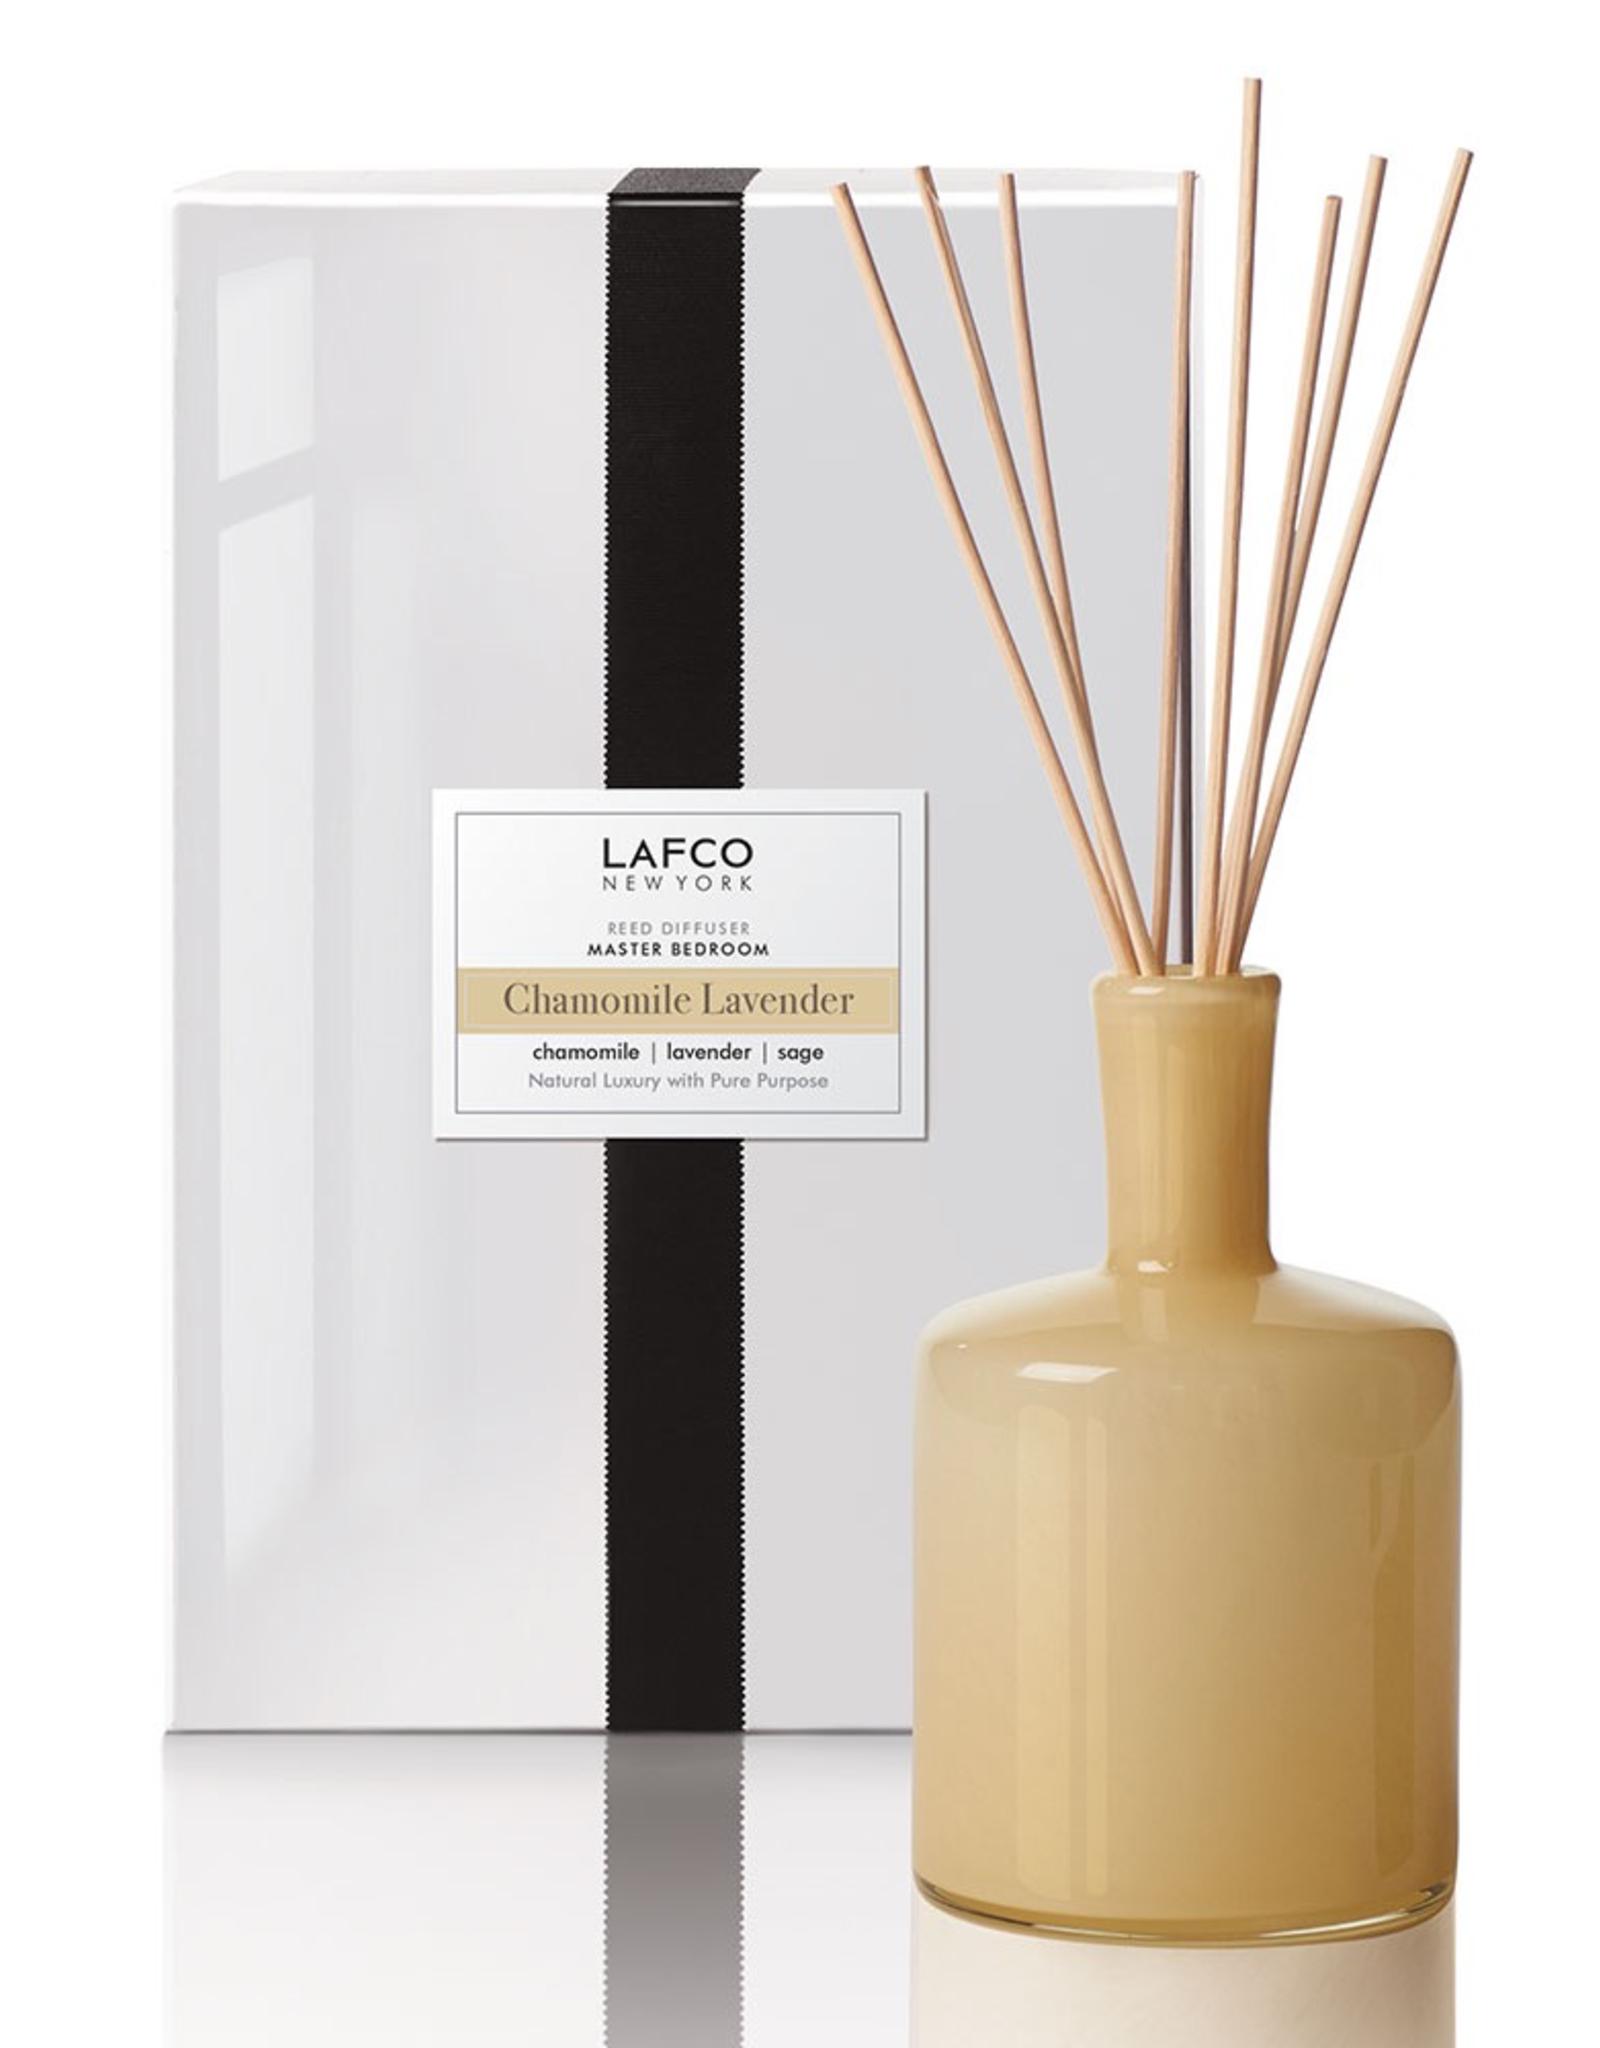 Lafco, Diffuser, Bedroom, Chamomile Lavender